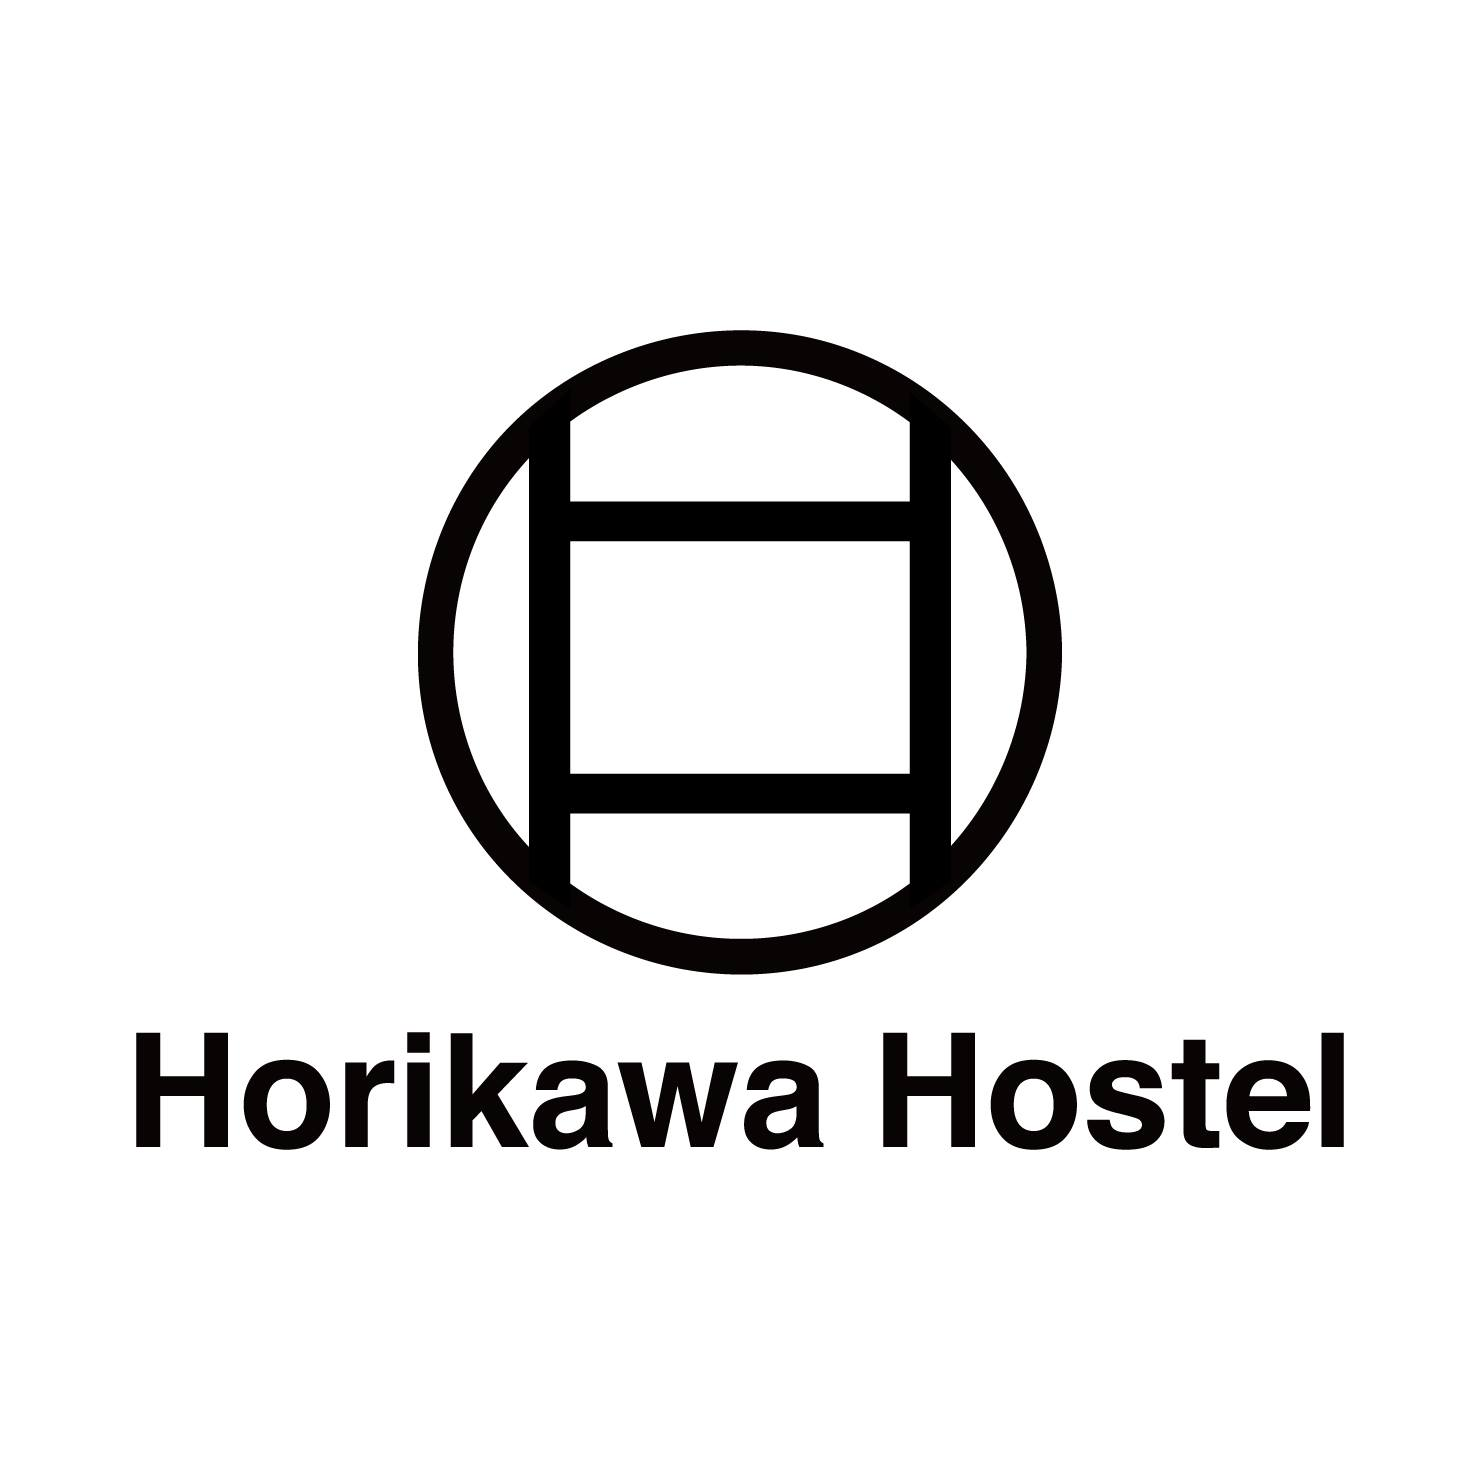 ホリカワホステル